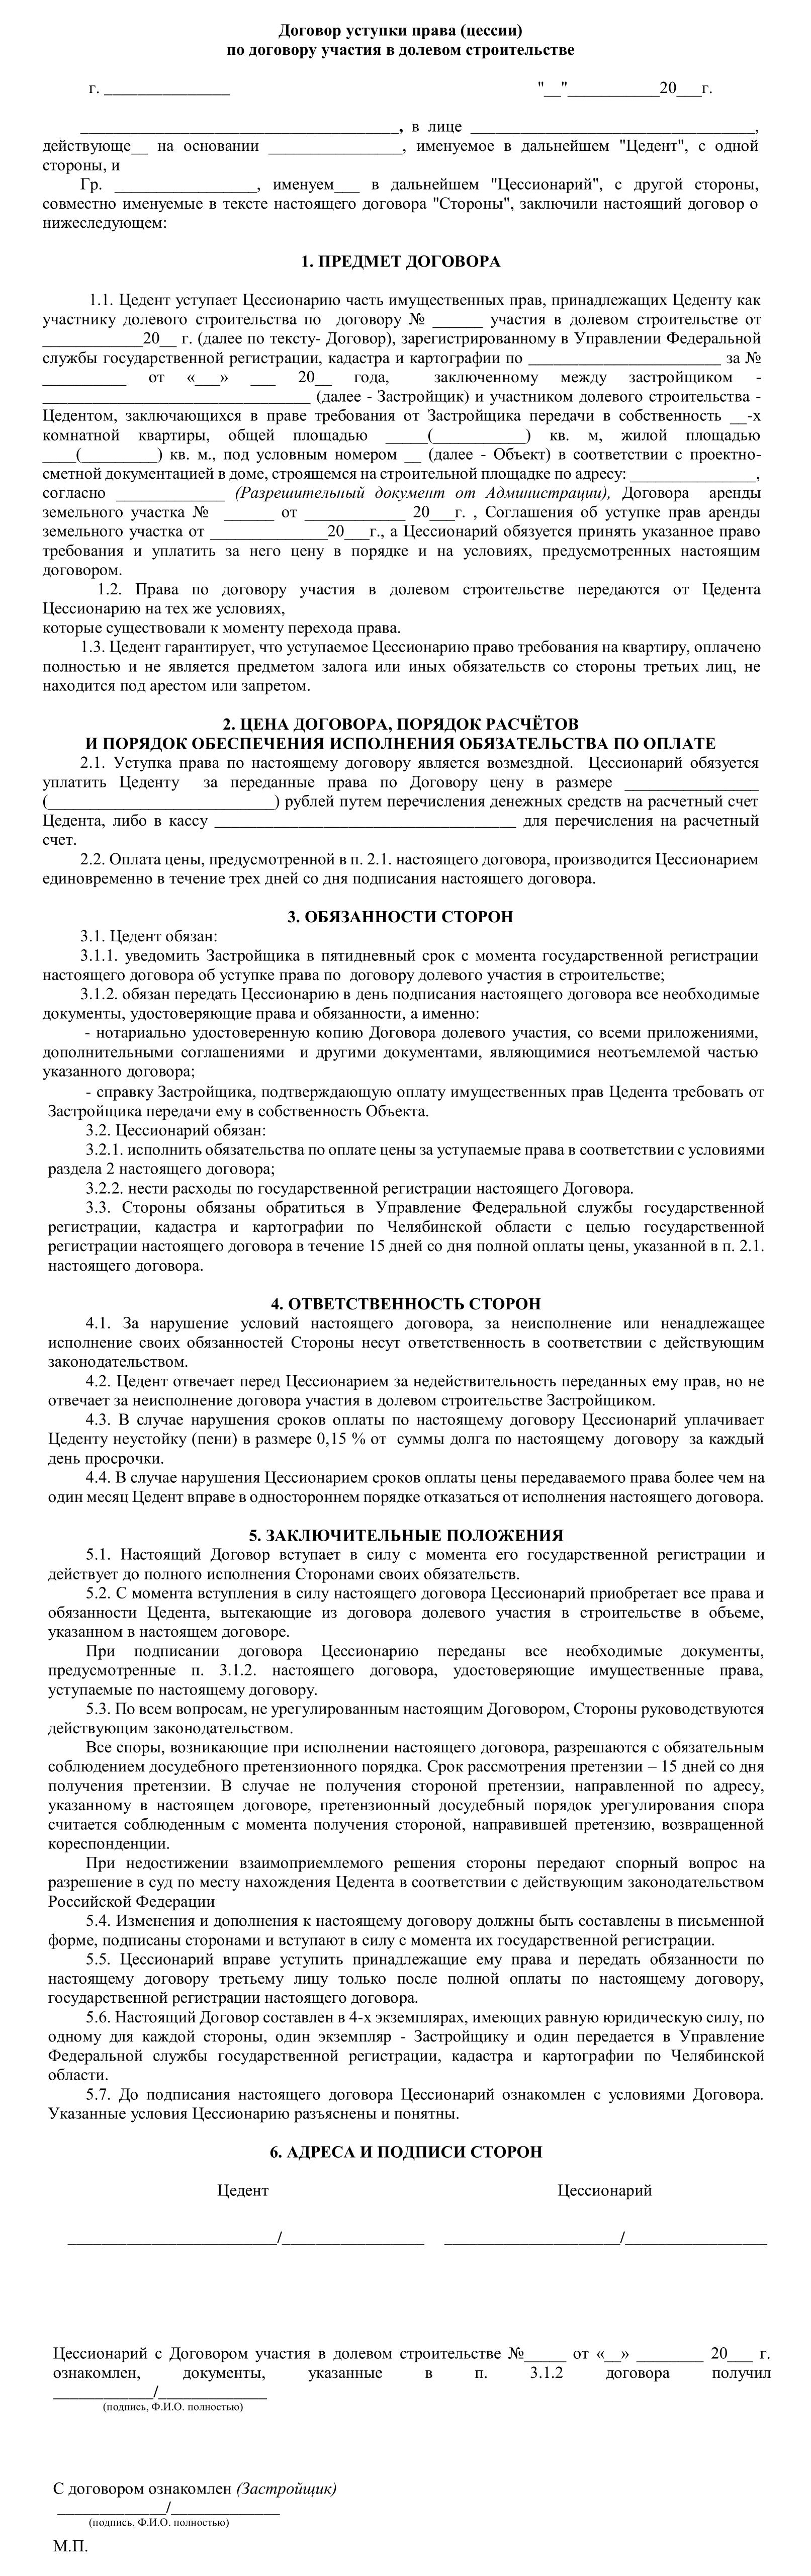 Договор уступки права (цессии) по договору участия в долевом строительстве